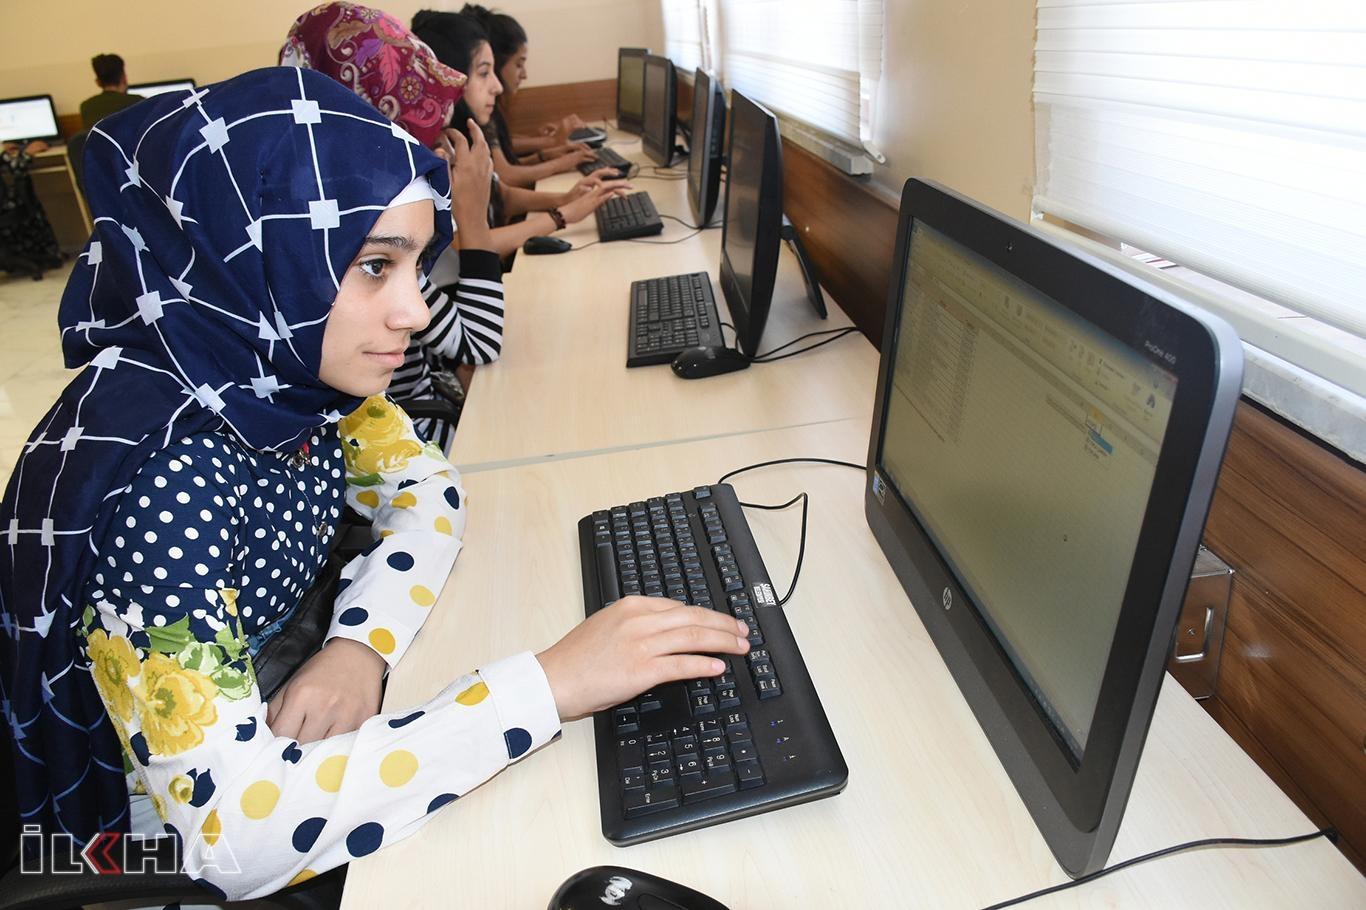 Meslek sahibi olmak için bilgisayar eğitimi alıyorlar.